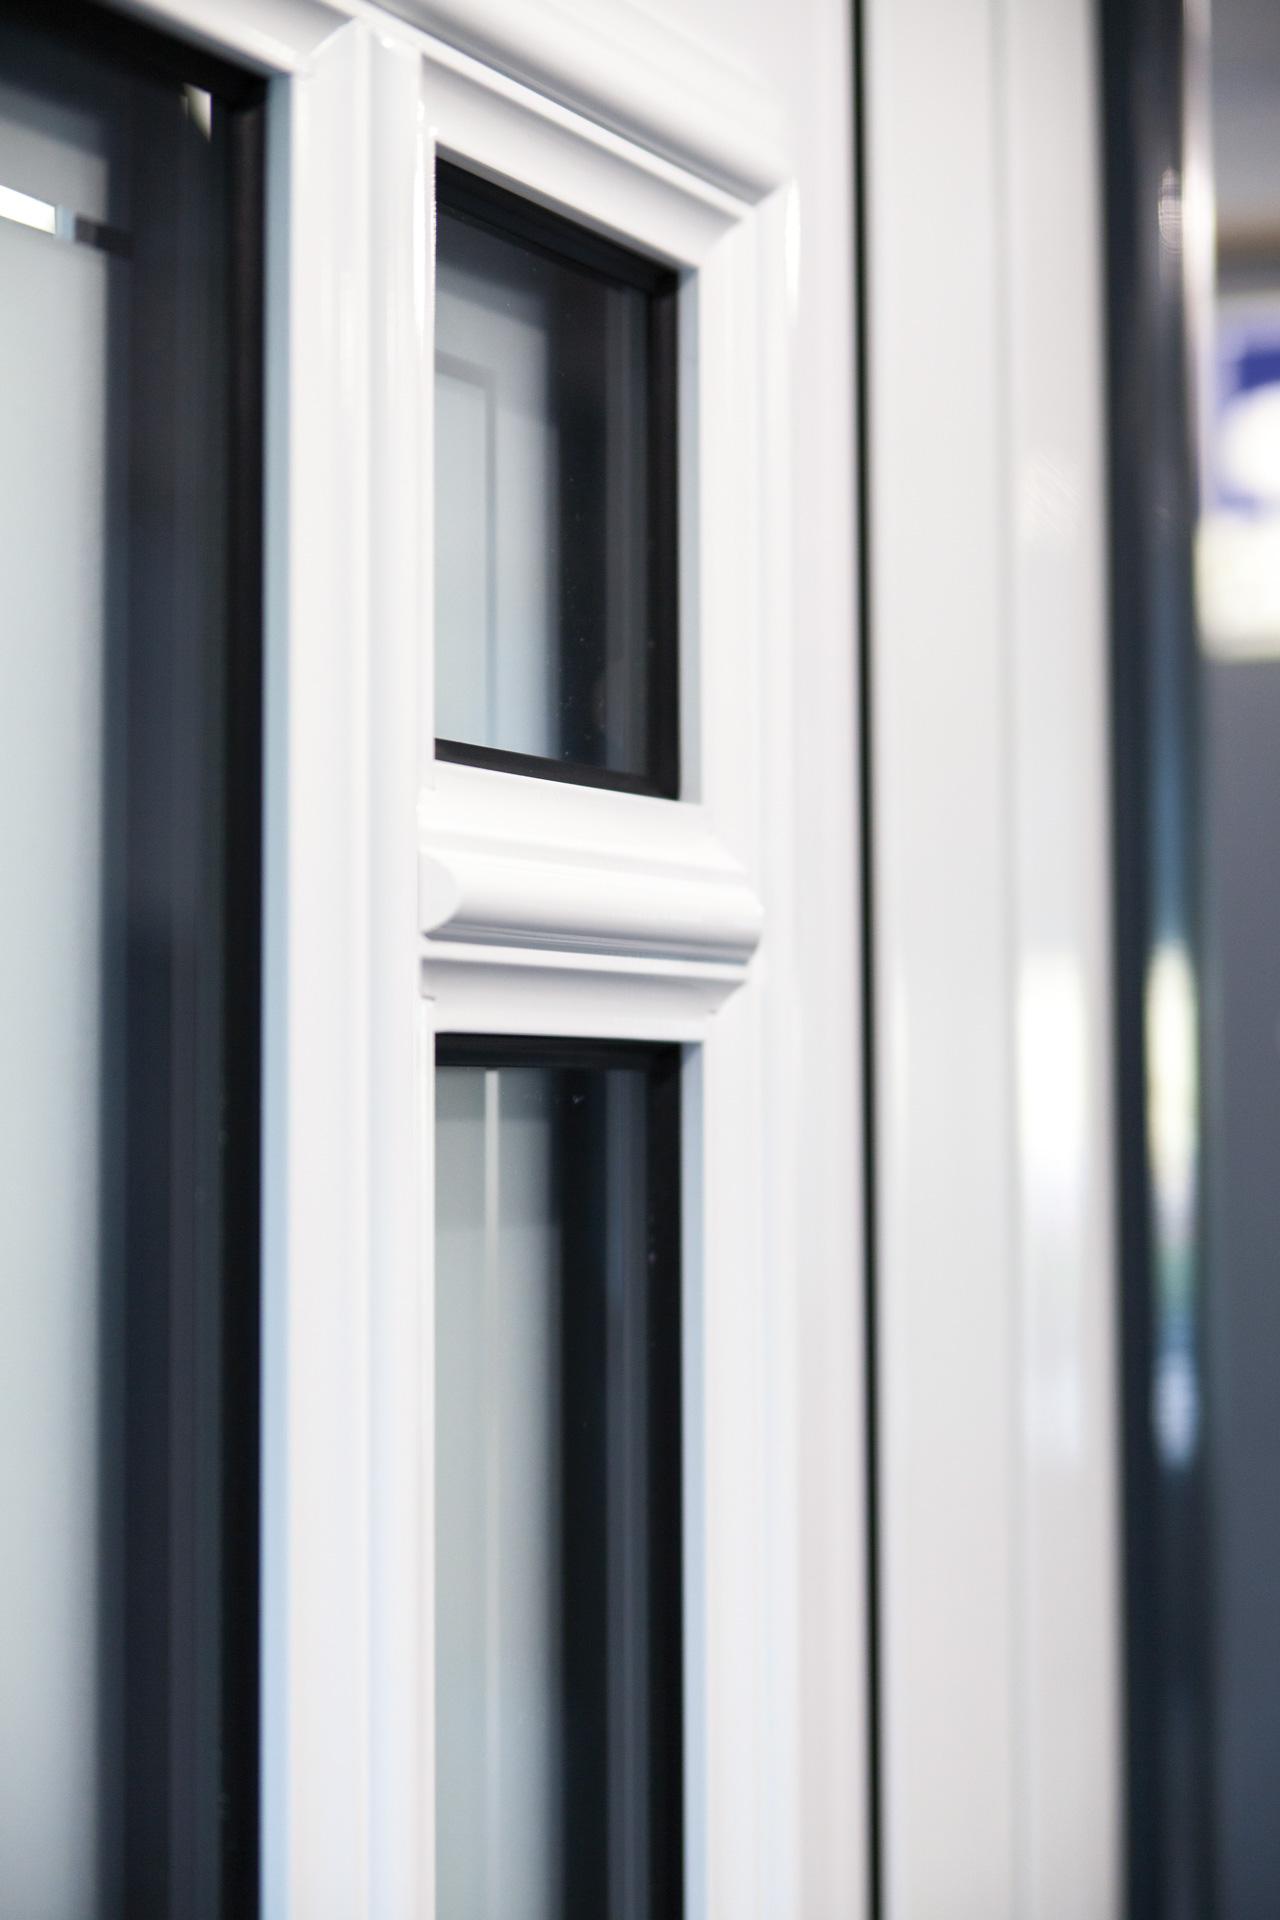 Full Size of Fenster Deko Weihnachten Fensterdeko Led Detail Schnitt Ist Der Die Oder Das Definition Ou Pdf Artikel Deutschland Schweiz Kreidestift Velbert Aus Firmen Depot Fenster Fenster.de